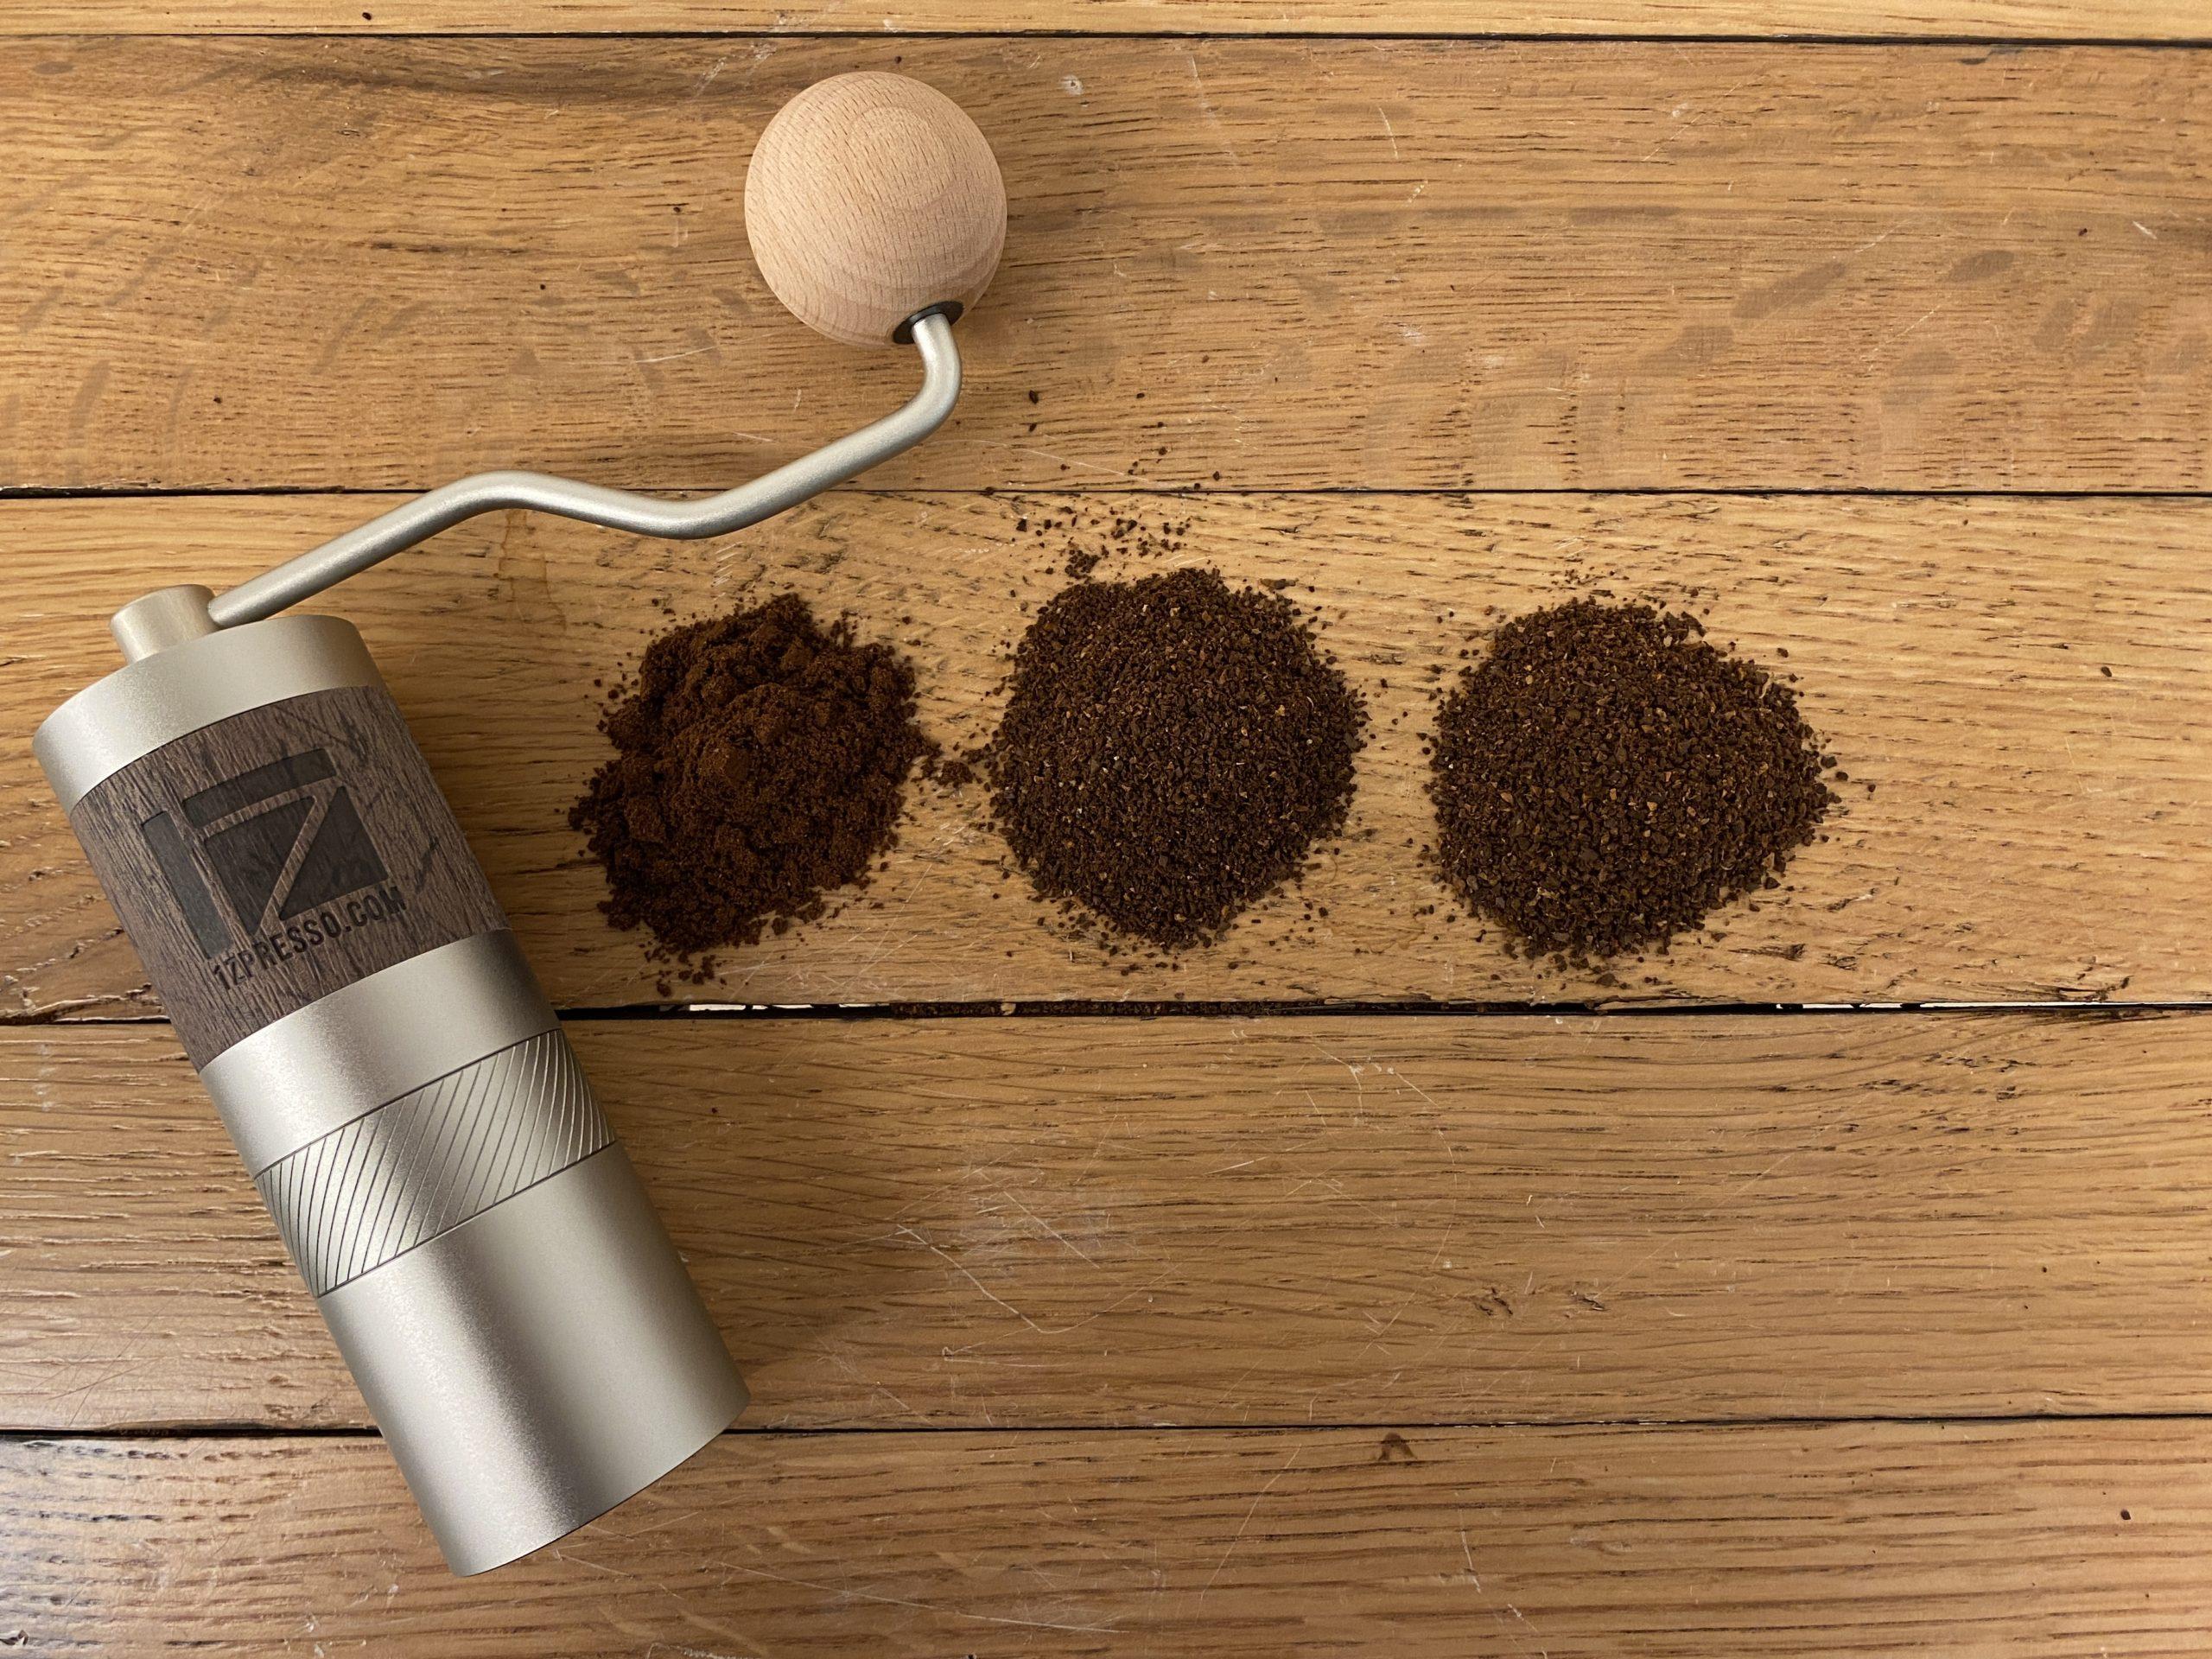 1ZPRESSO(ワンゼットプレッソ)コーヒーグラインダーQ2【LG-1ZPRESSO-Q2】試し切り。